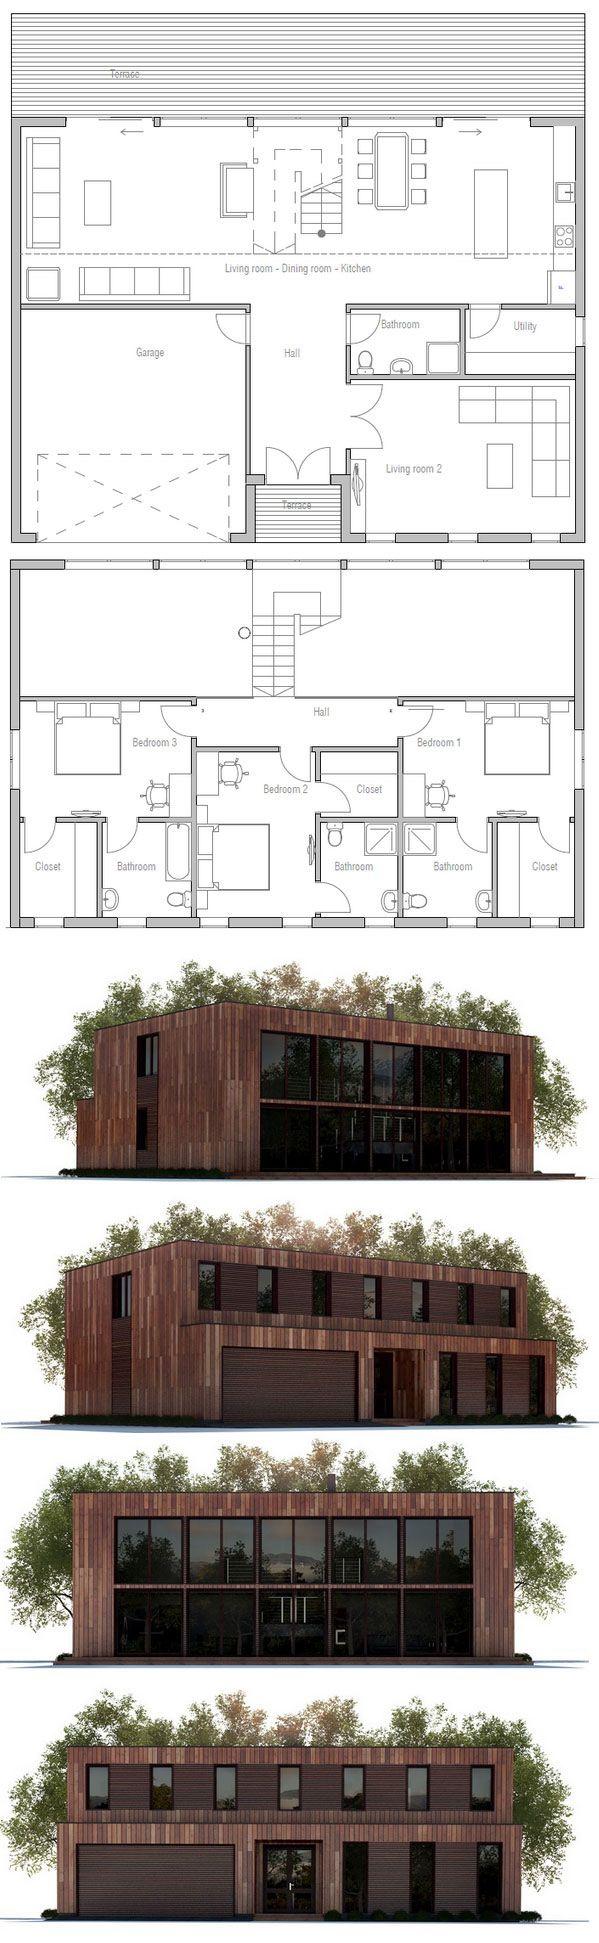 Grundrisse architektur design moderne häuser zeitgenössische architektur architektur illustrationen grundrisse haus pläne bau holzhaus